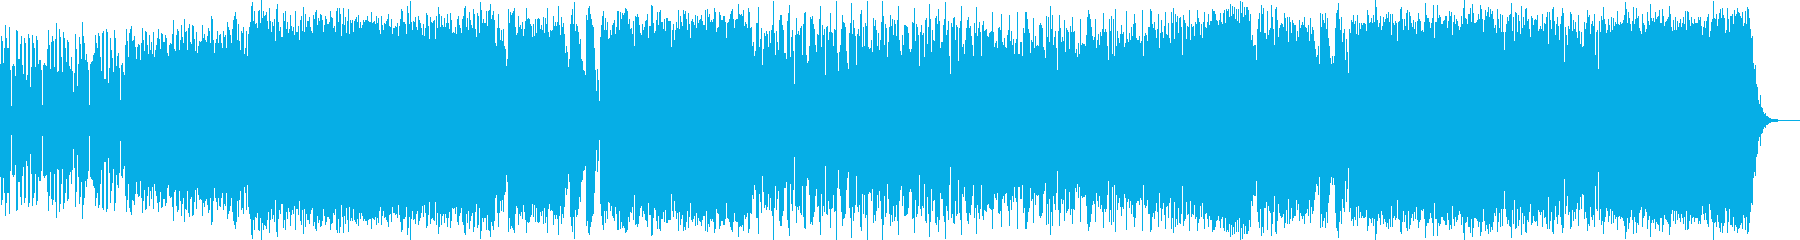 ワクワク感のシンセポップハウス系の再生済みの波形